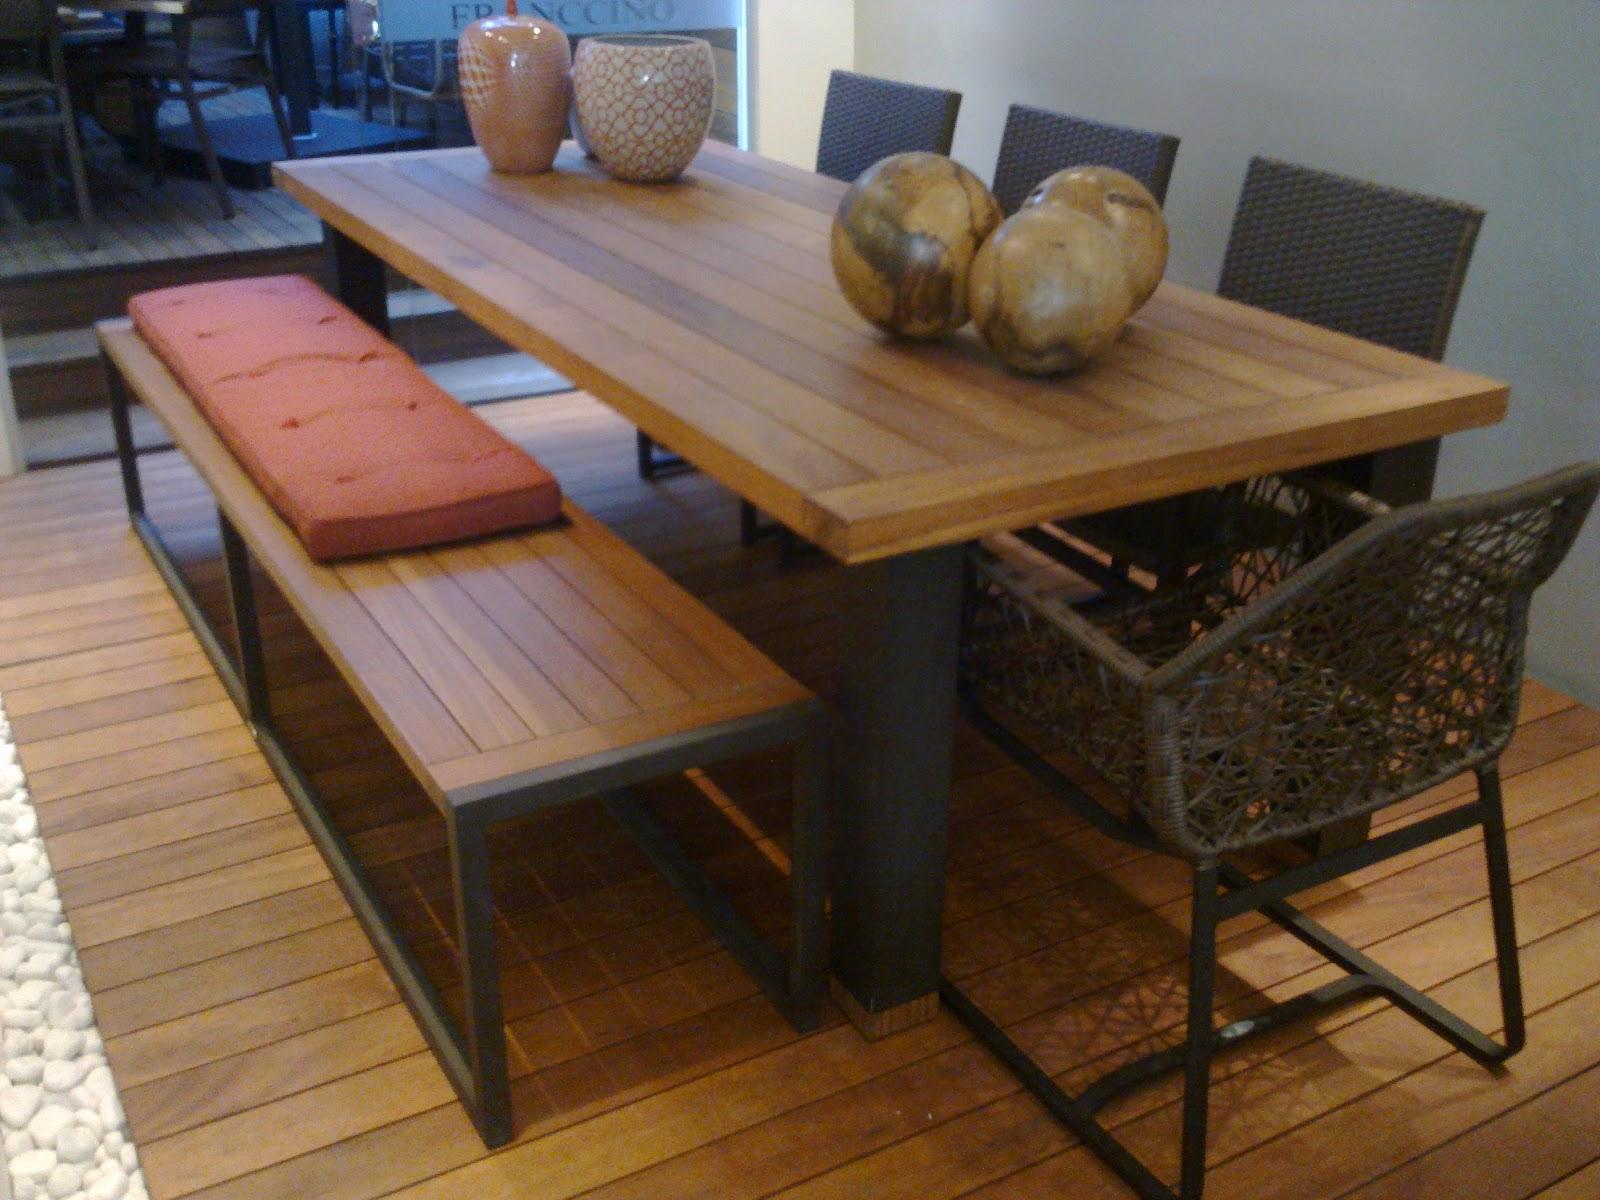 mobiliario de jardim lojas:CAROL CARNEIRO: Móveis para jardim #6A411F 1600x1200